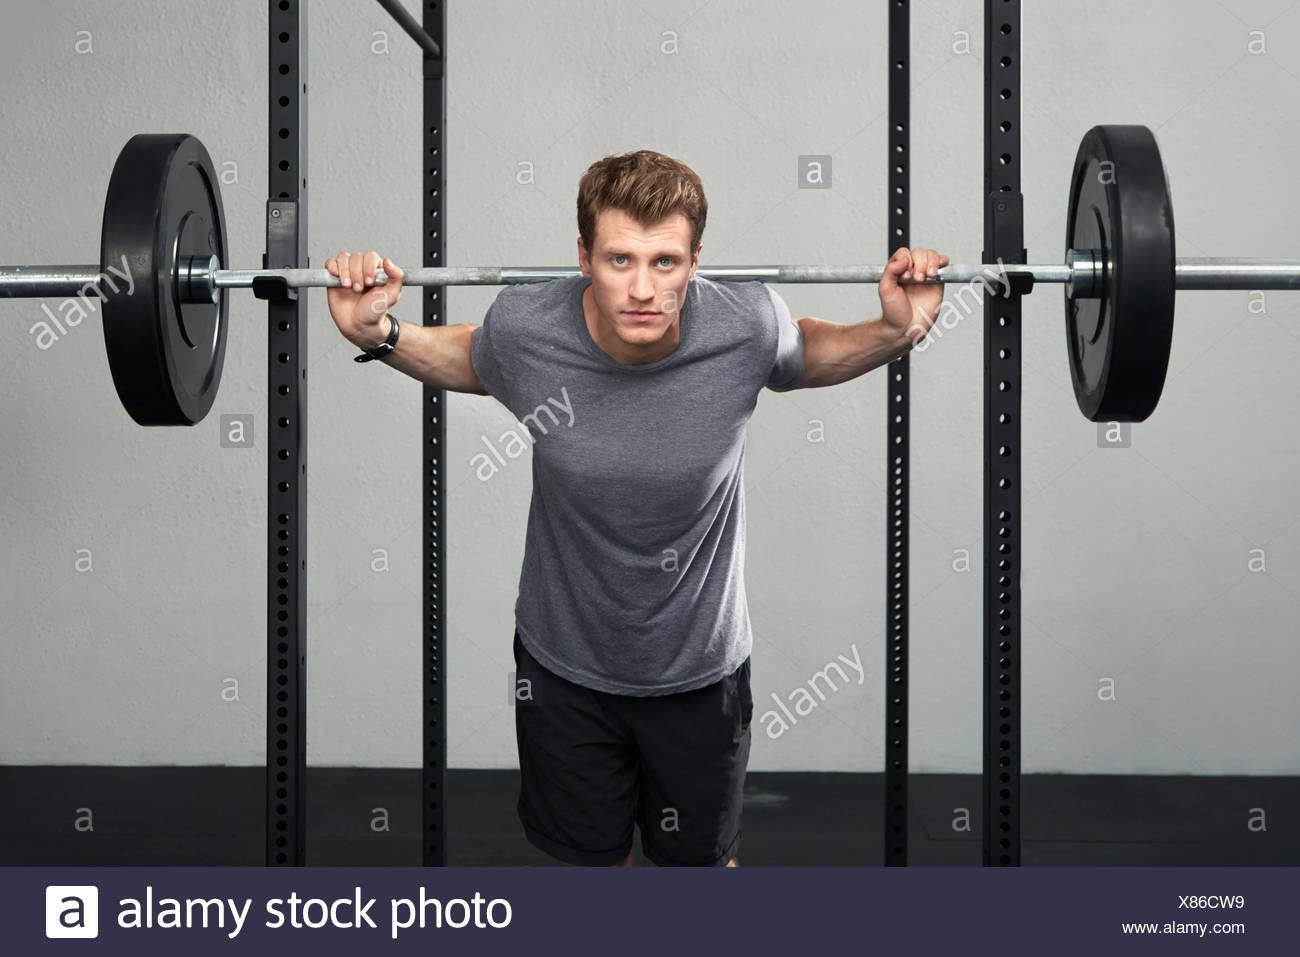 Ritratto di metà maschio adulto weightlifter sollevamento barbell in palestra Immagini Stock